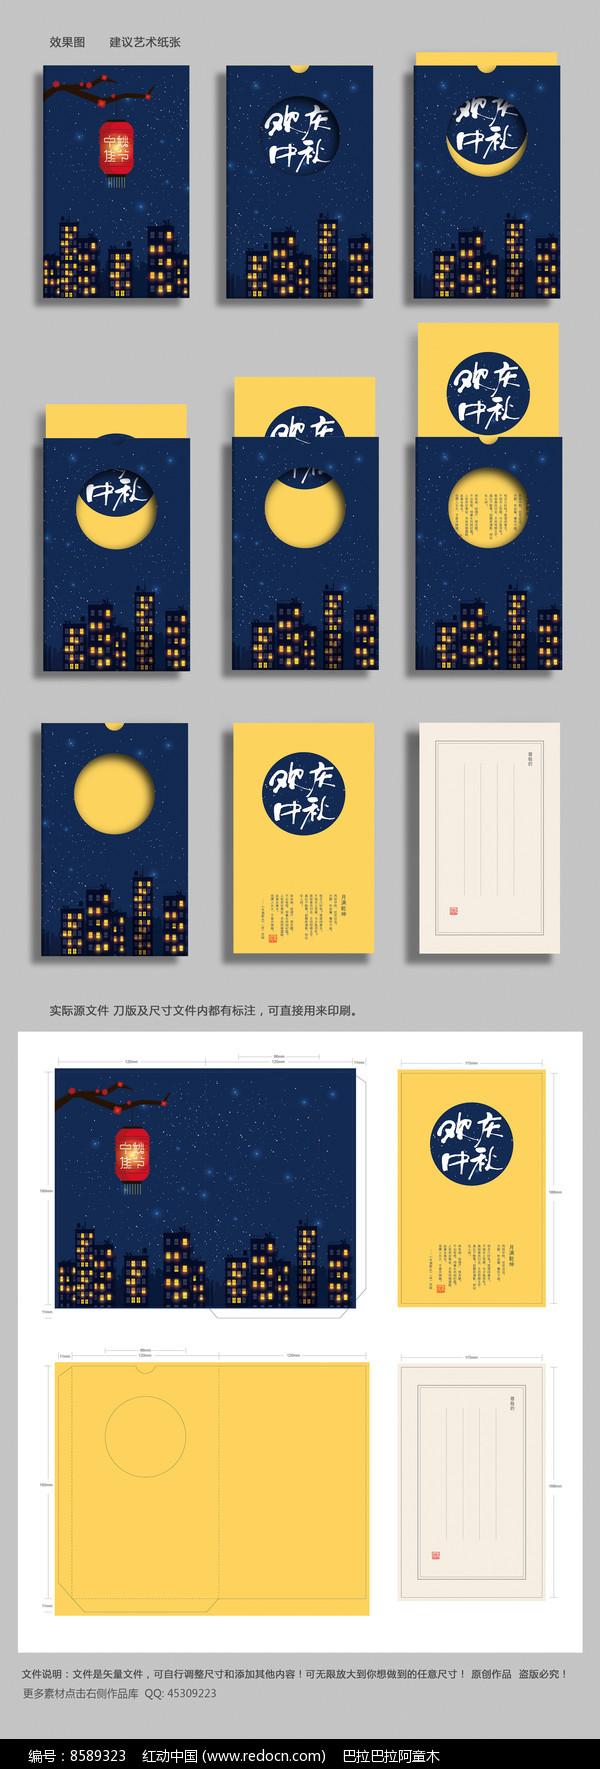 唯美创意中秋节贺卡邀请卡卡套图片